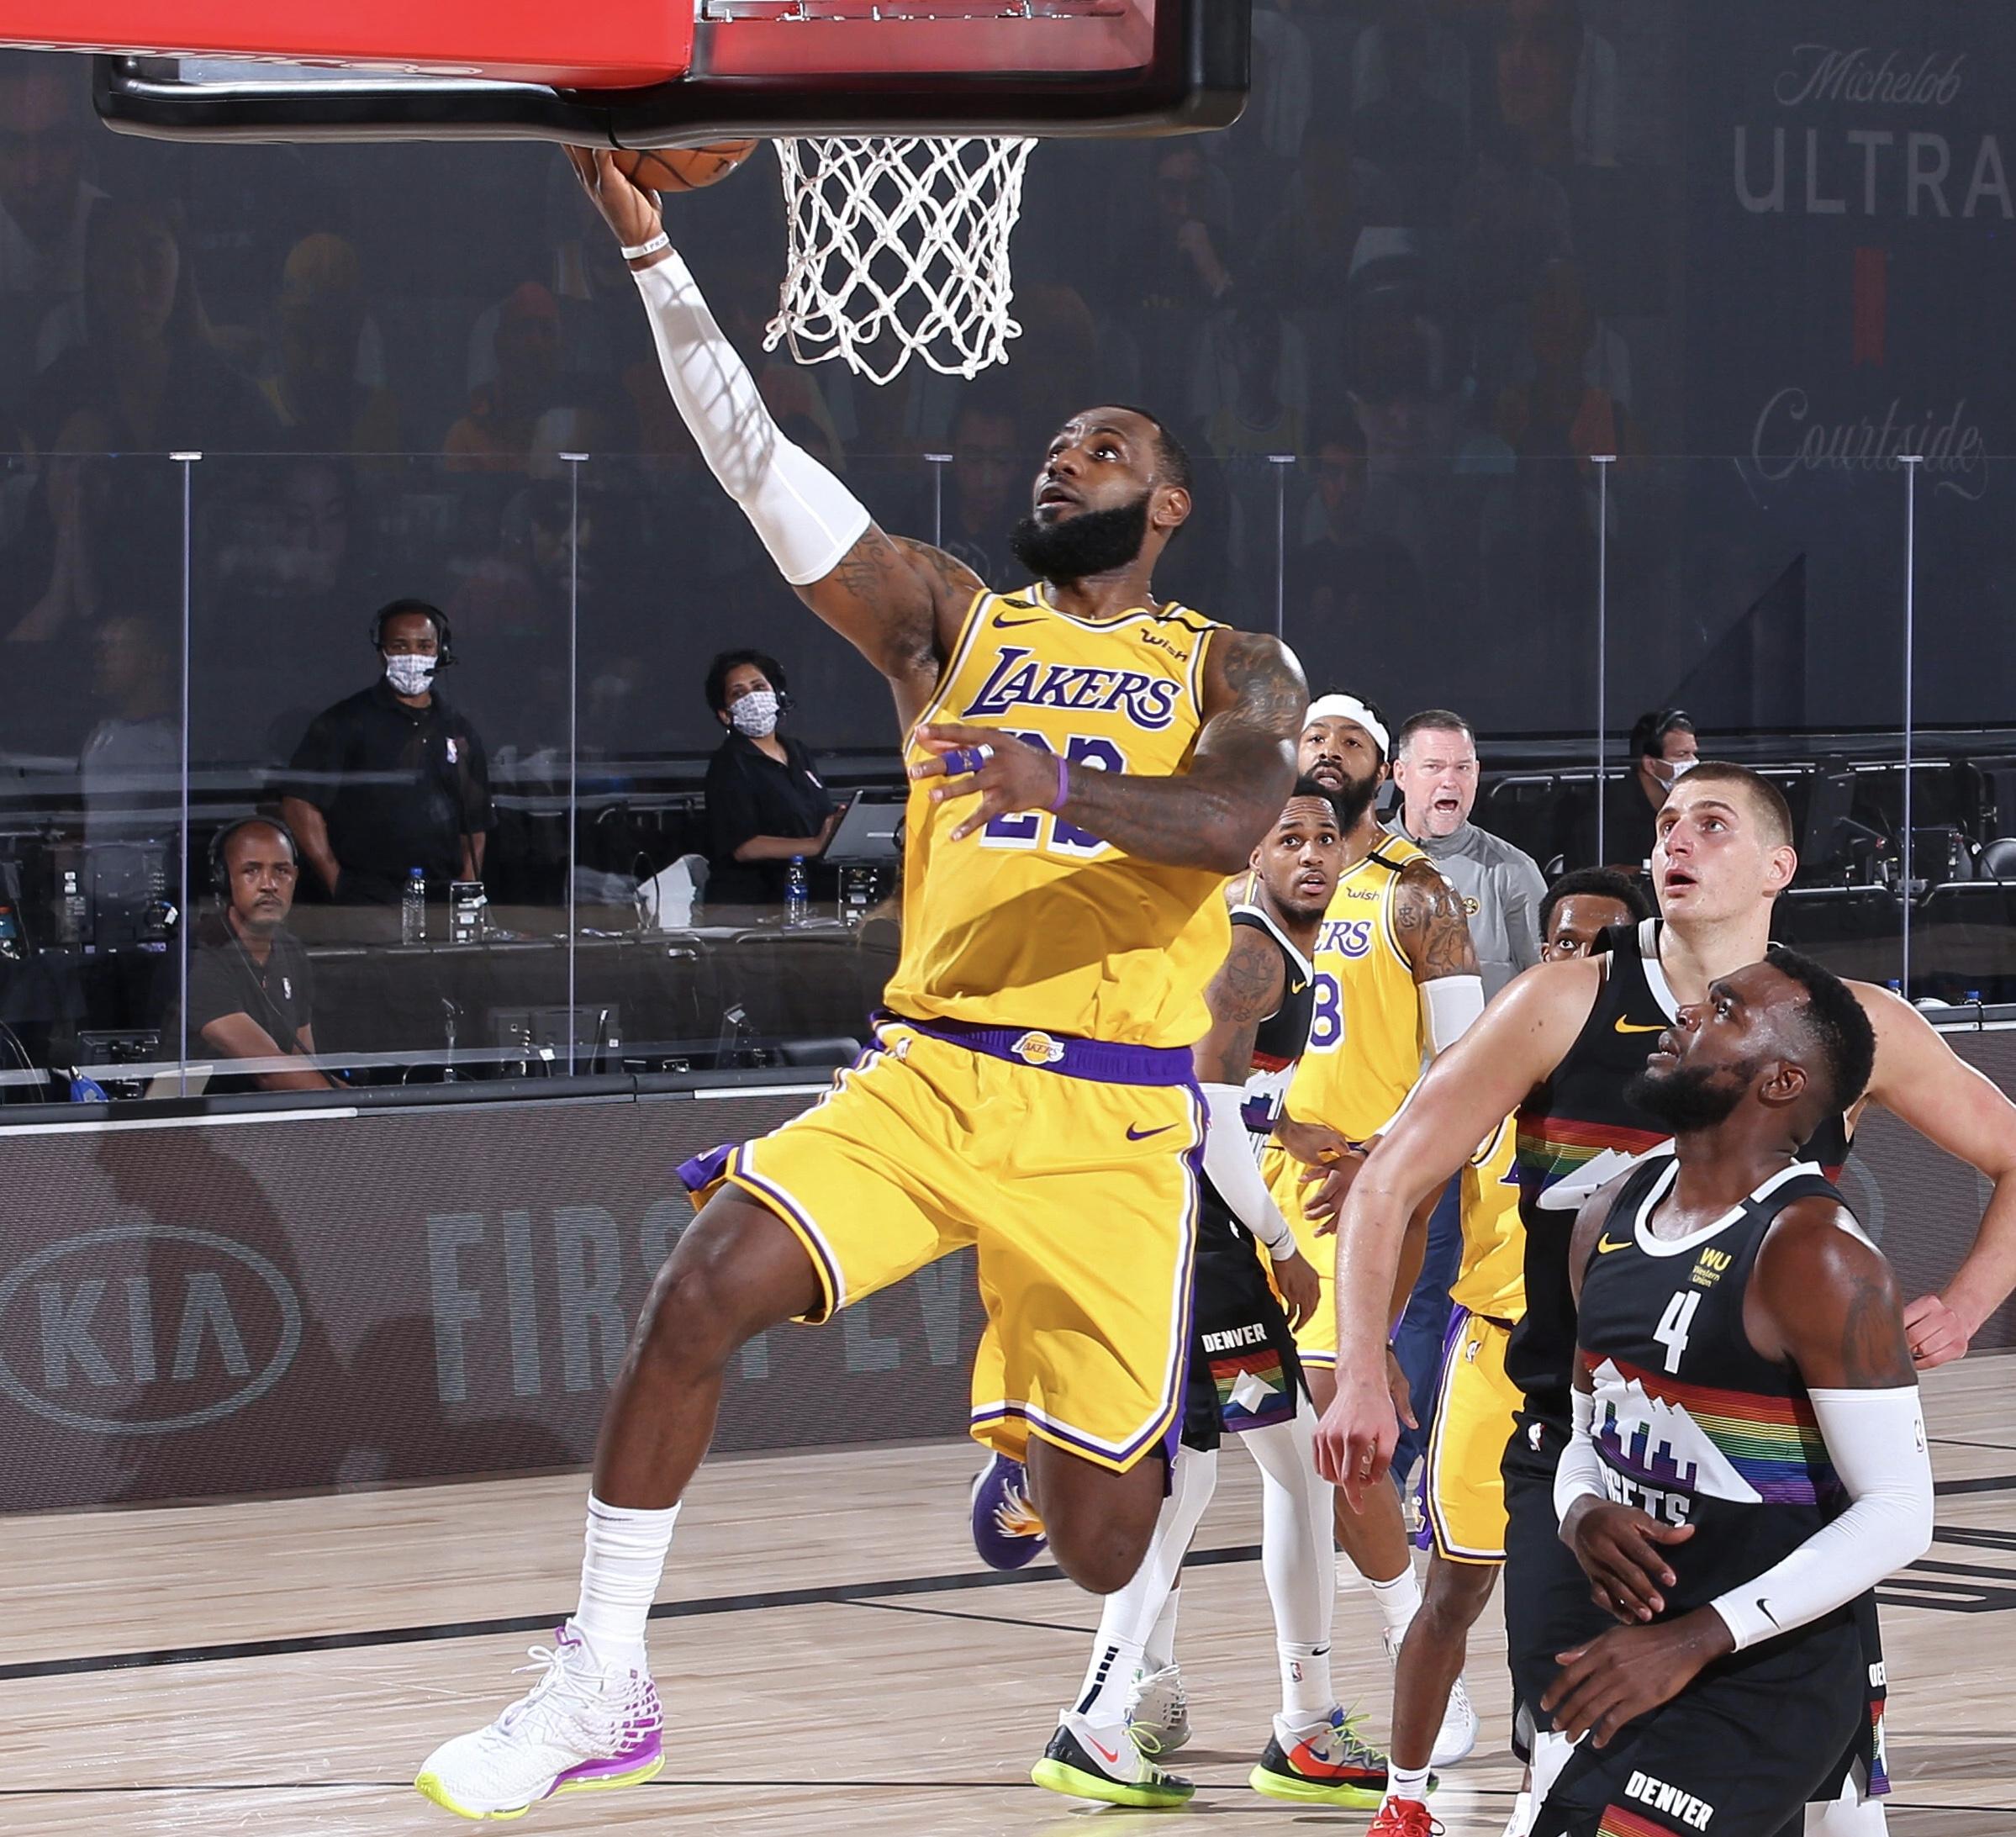 詹姆斯今年前两场赛点数据:32.5分10.5篮板亚博网站下载8.5助攻